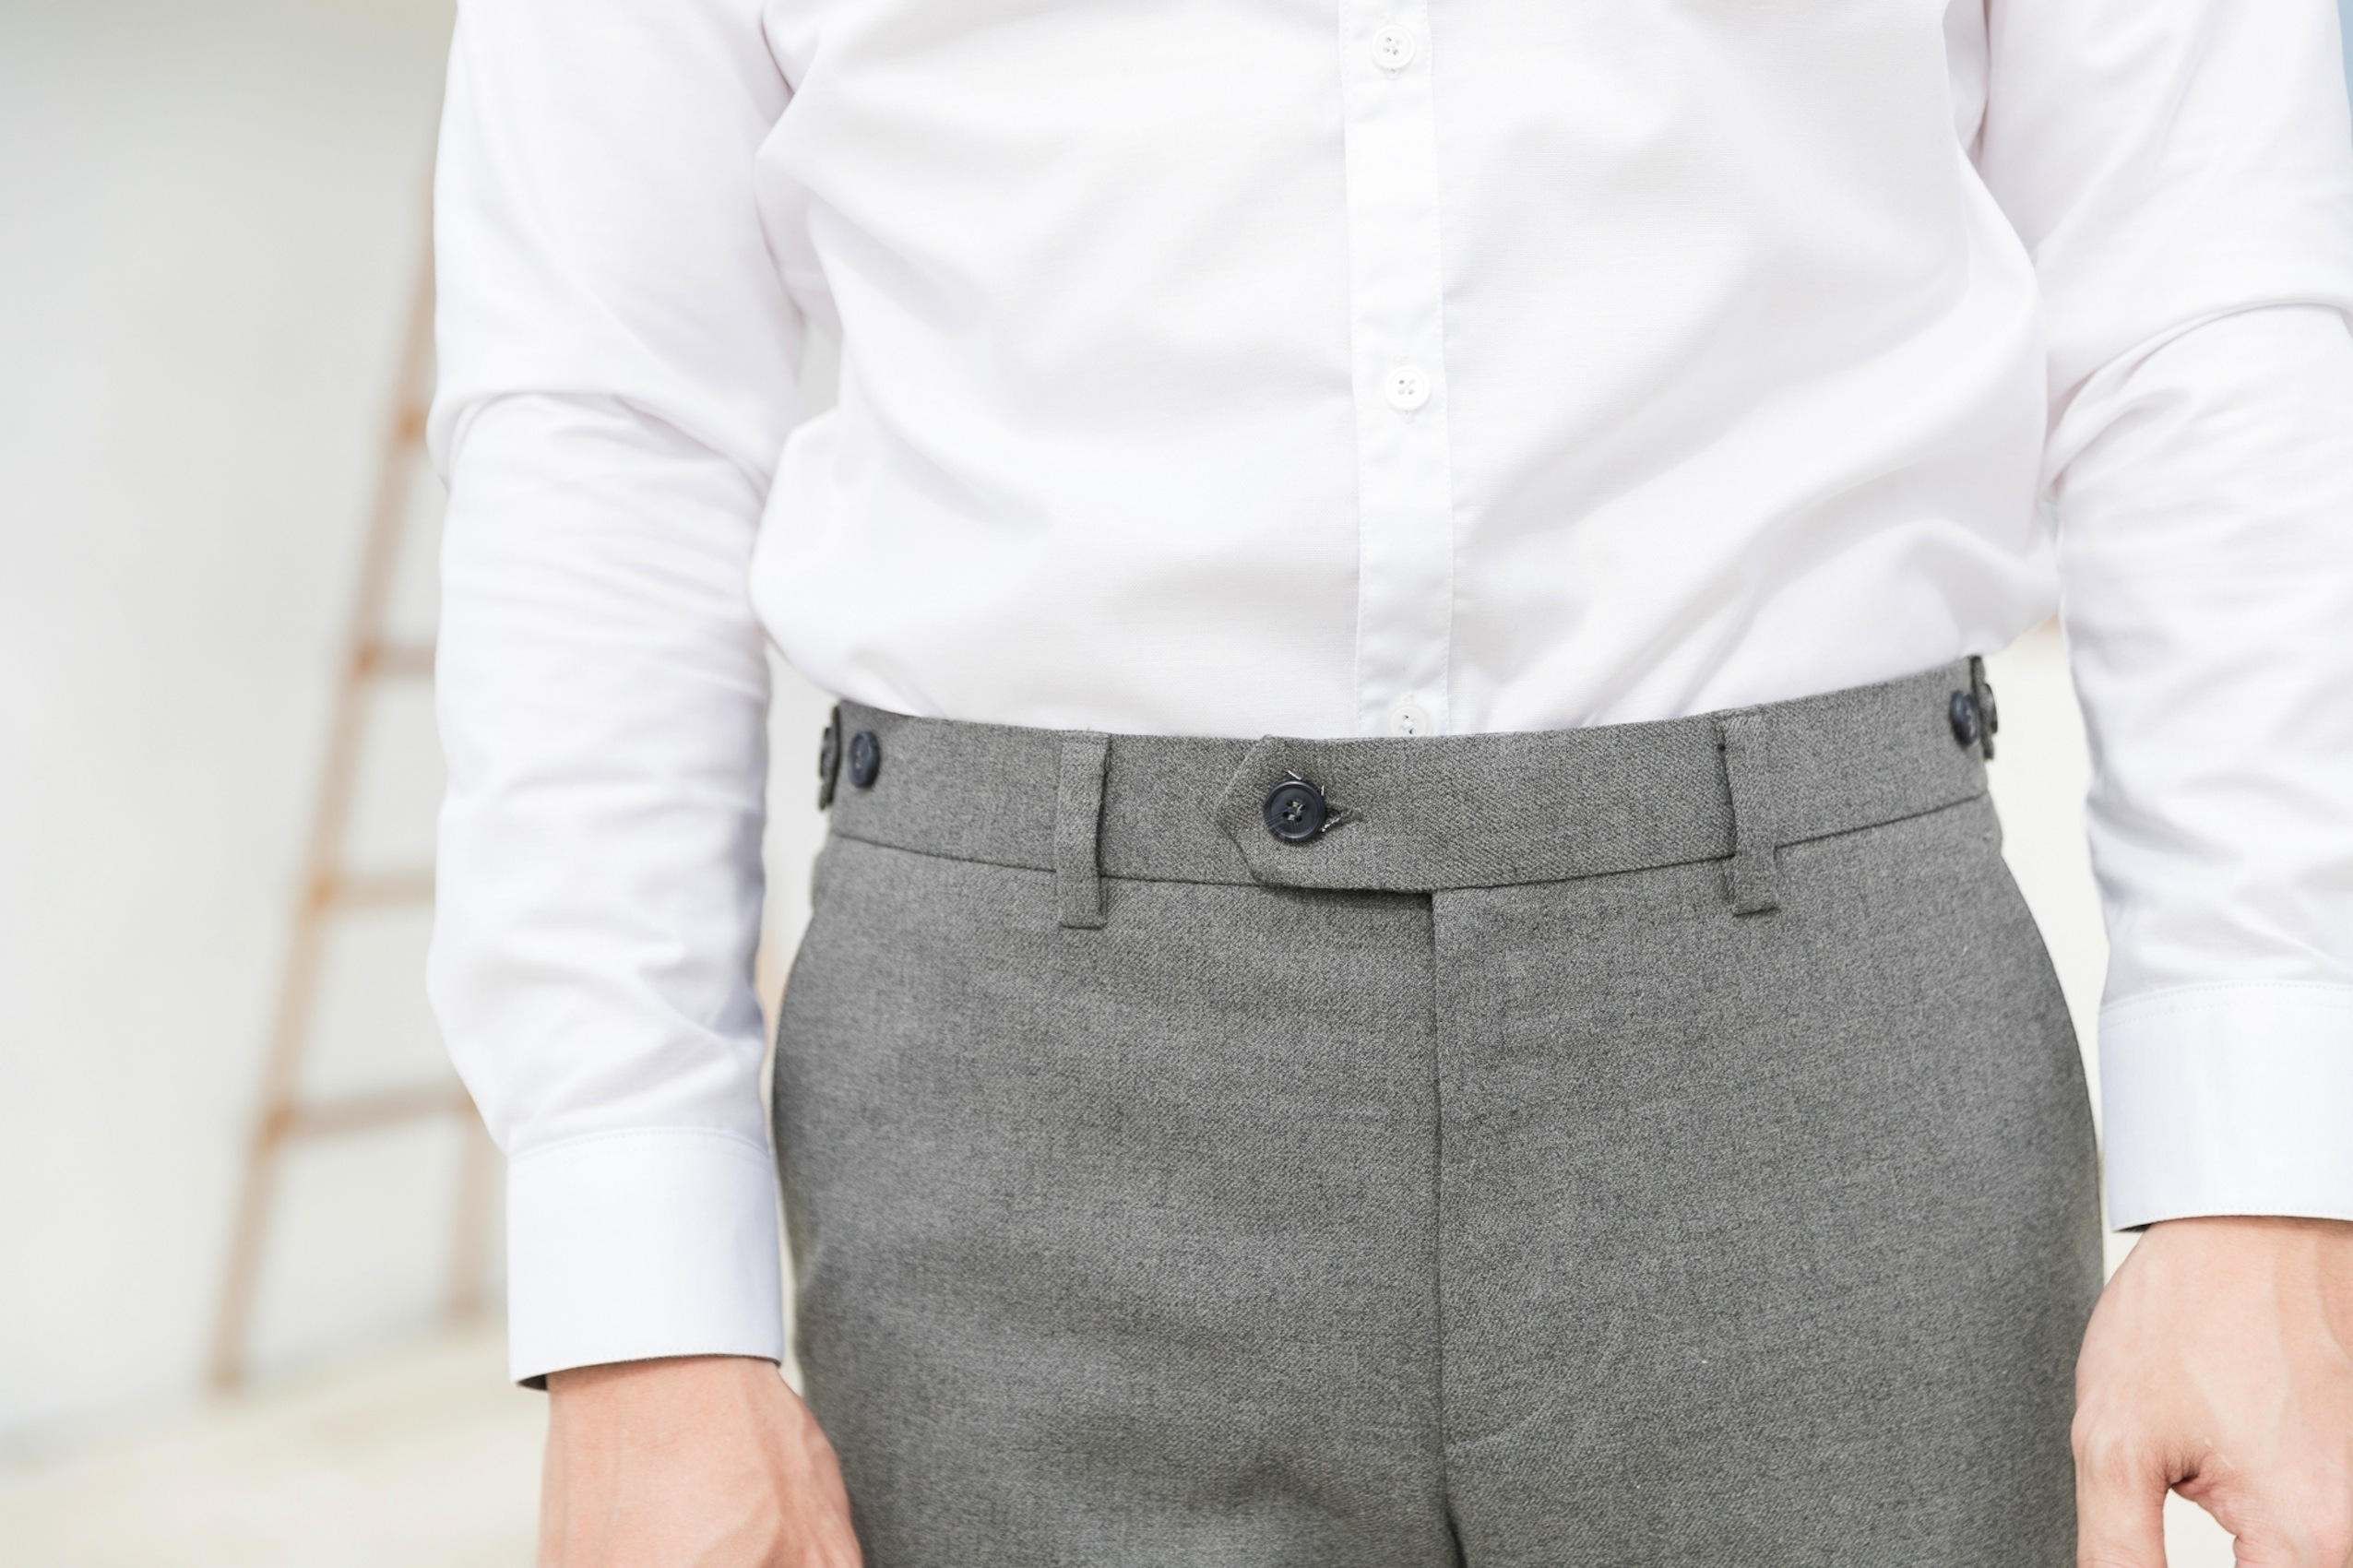 กางเกง,กางเกงผู้ชาย,กางเกงขายาว,กางเกงขายาวผู้ชาย,กางเกงผู้ชายขายาว